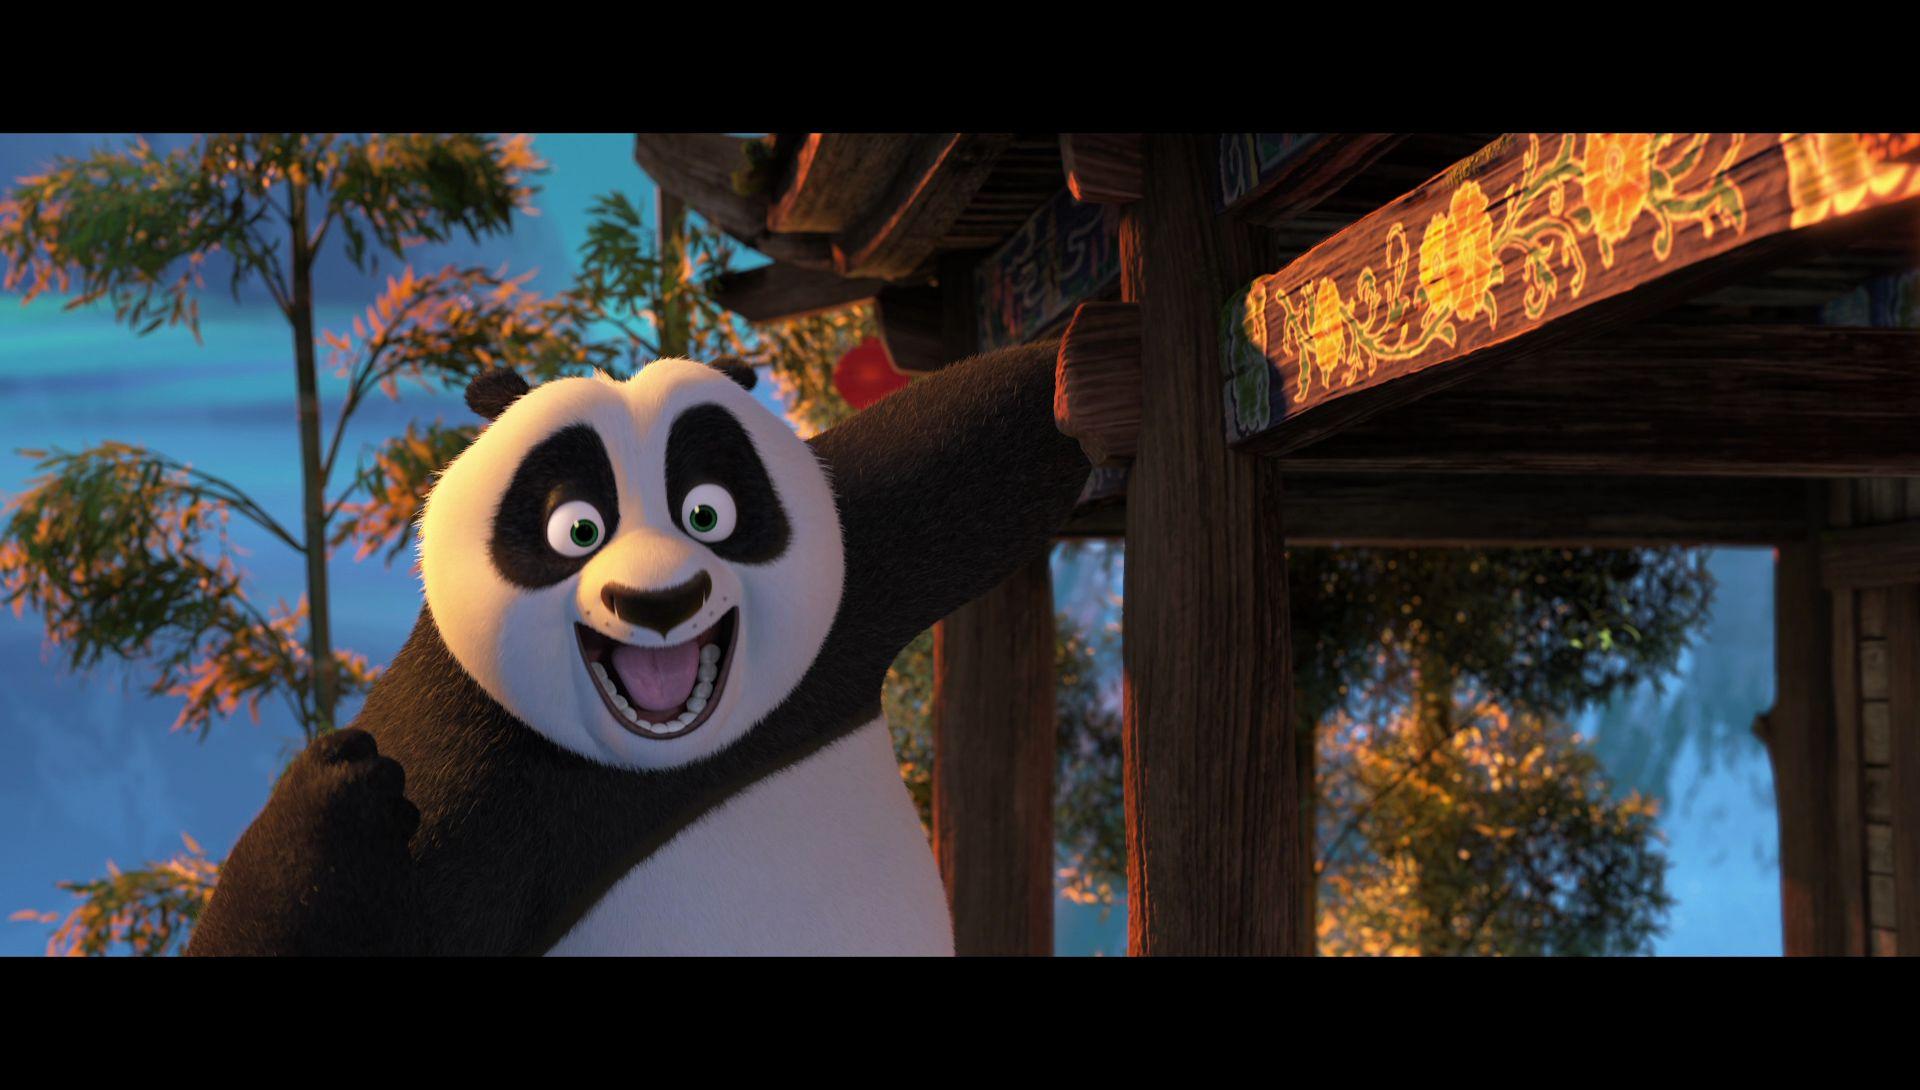 Kung Fu Panda 3 2016 DUAL 1080p Remux Bluray x264 AC3 5.1 TR ENG